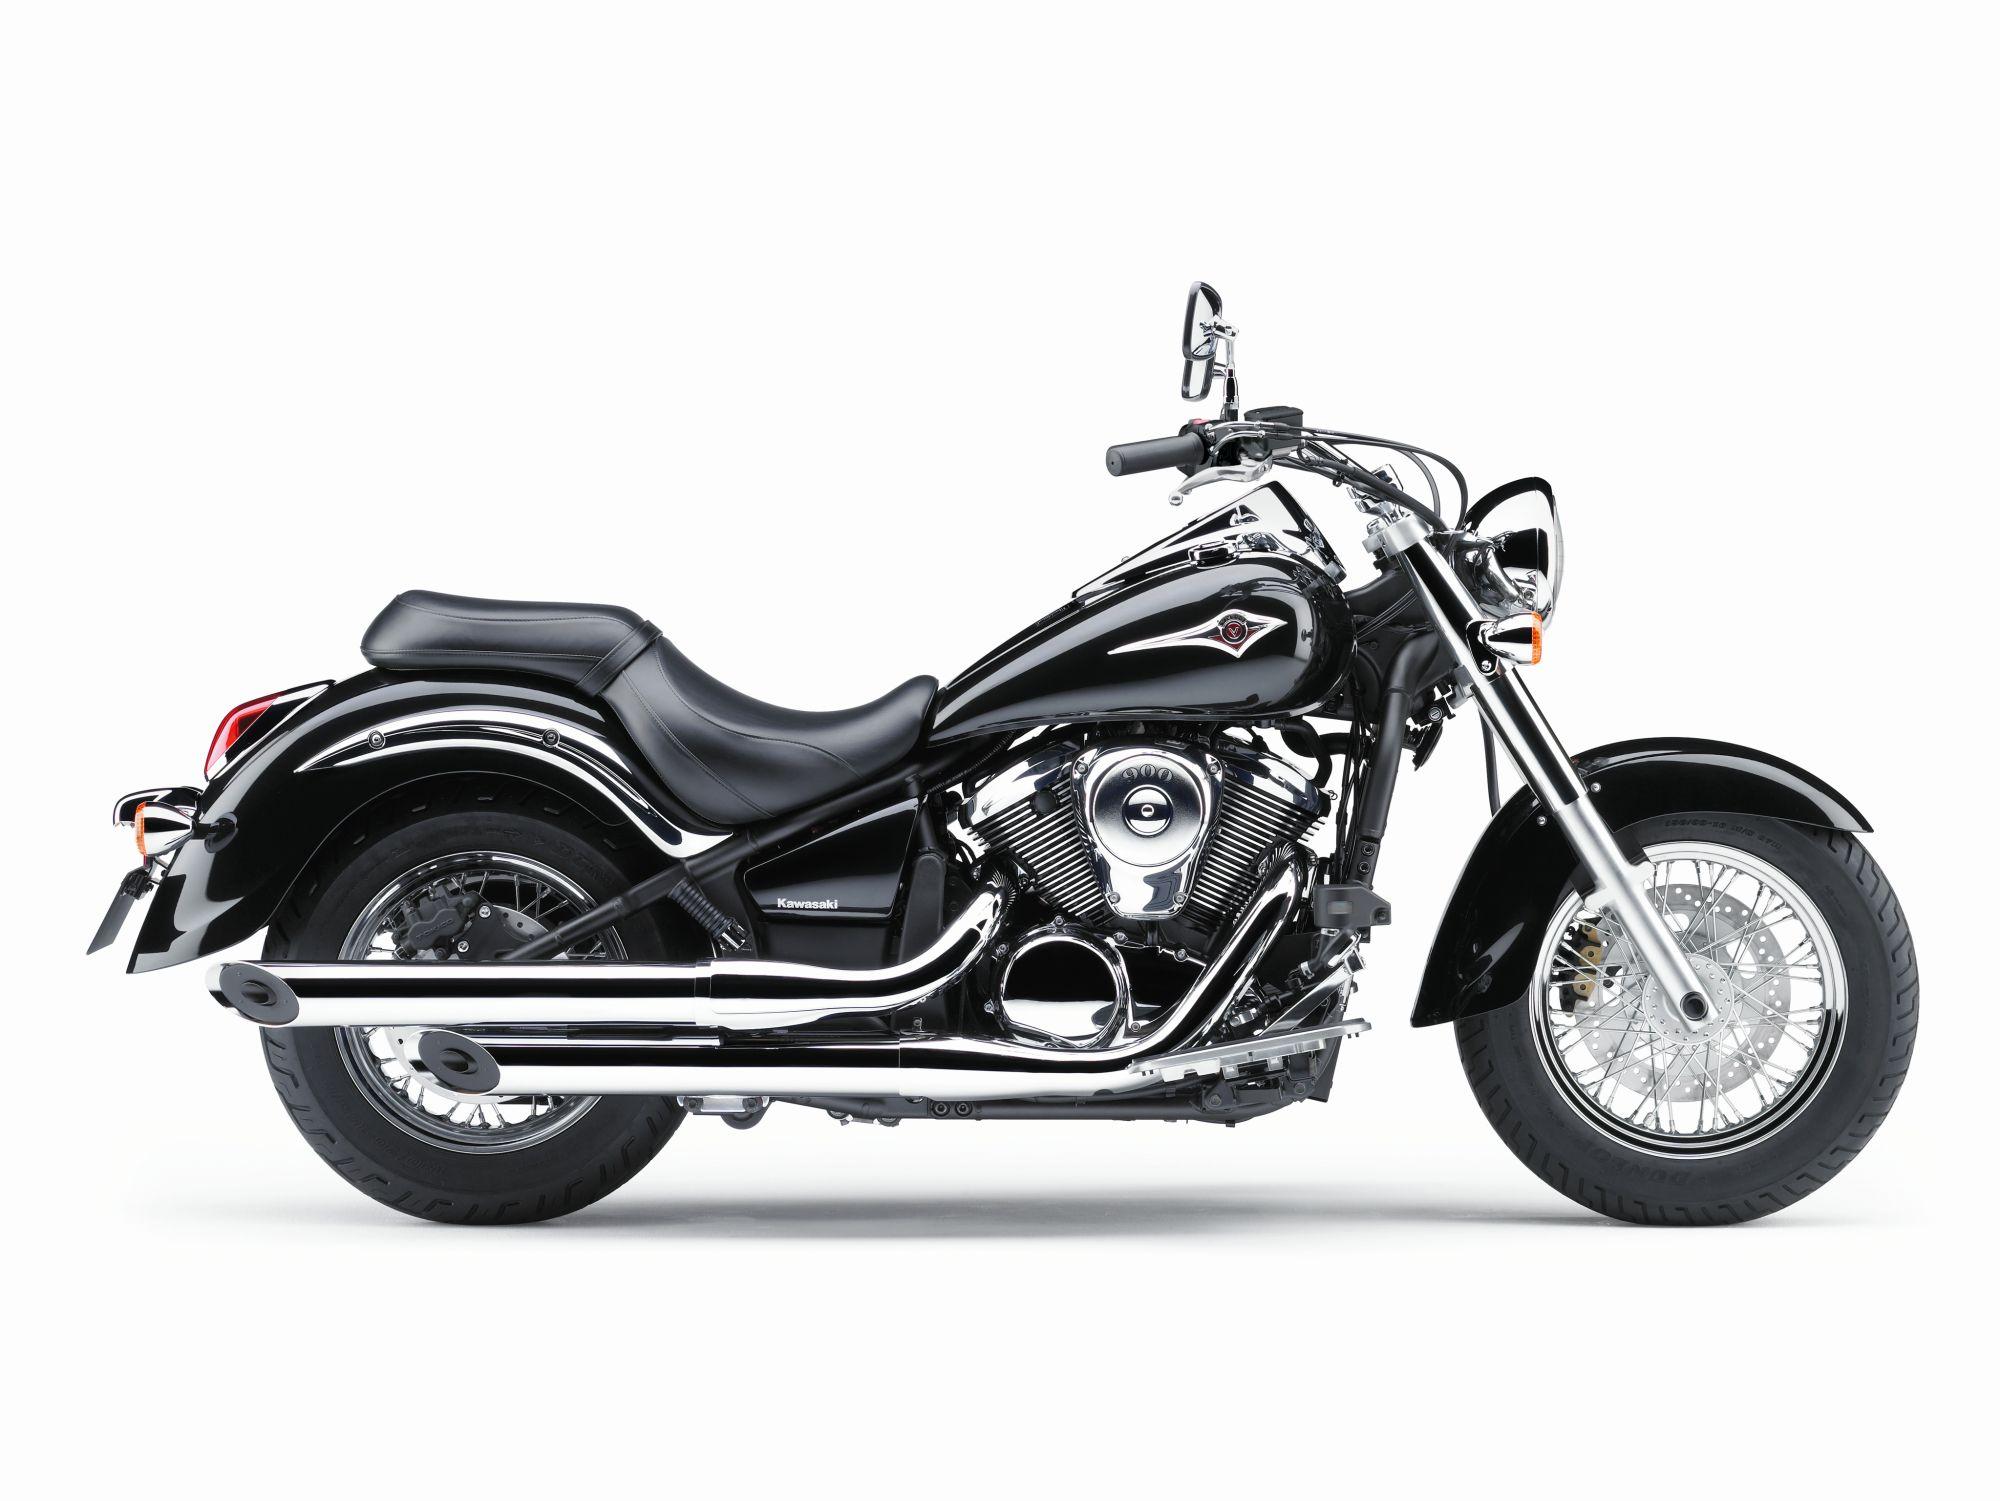 gebrauchte und neue kawasaki vn 900 classic motorr der kaufen. Black Bedroom Furniture Sets. Home Design Ideas